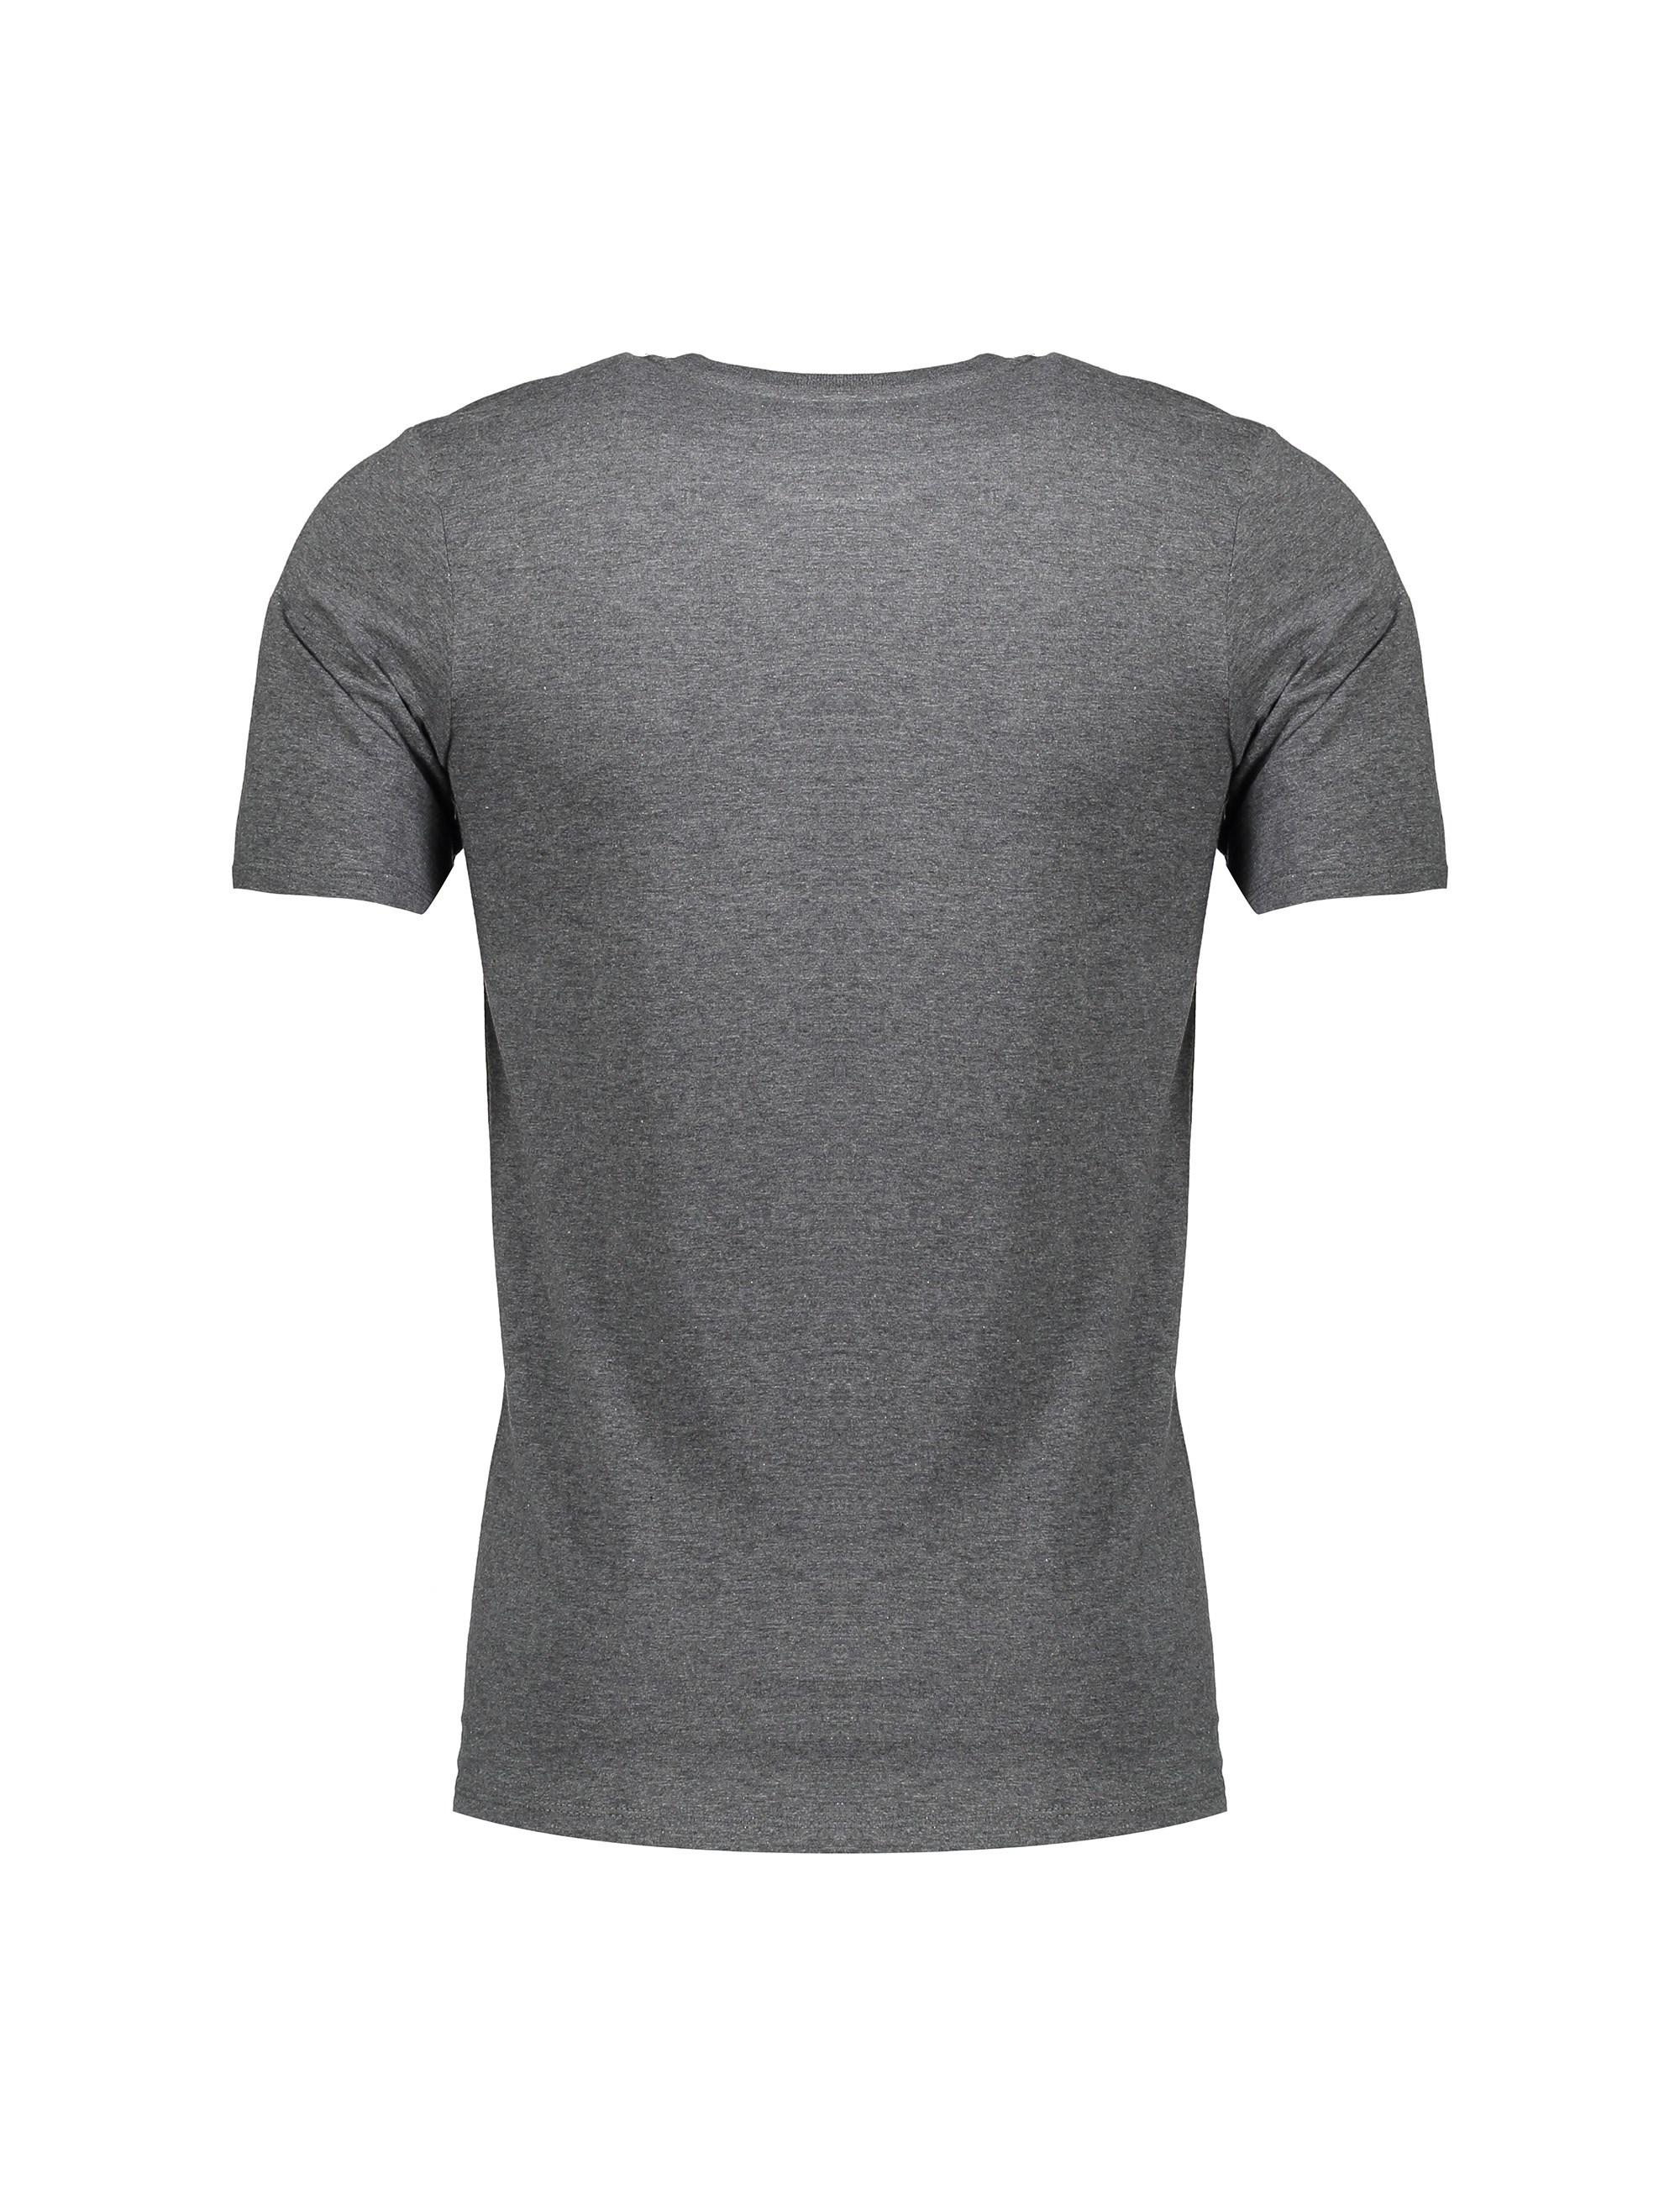 تی شرت نخی یقه گرد مردانه Pressn - نایکی - زغالي - 2